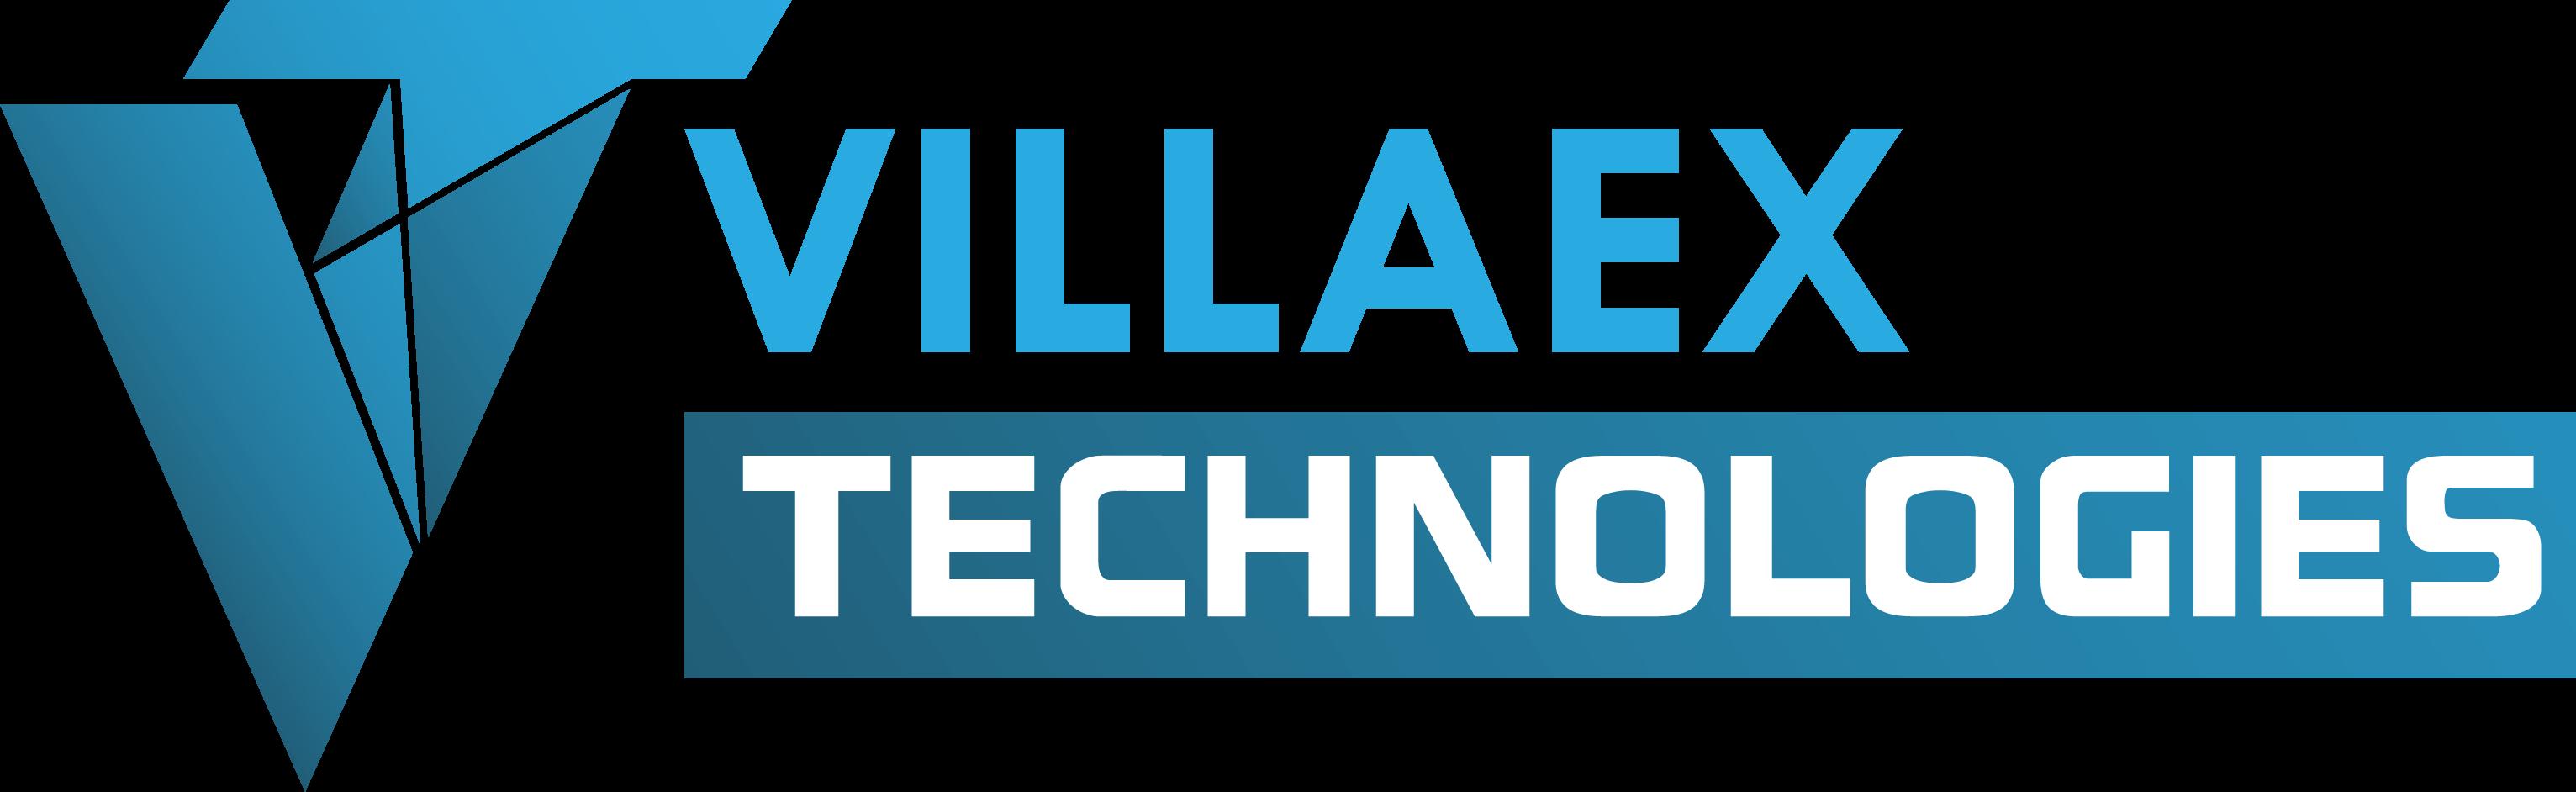 Villaex Technologies Logo